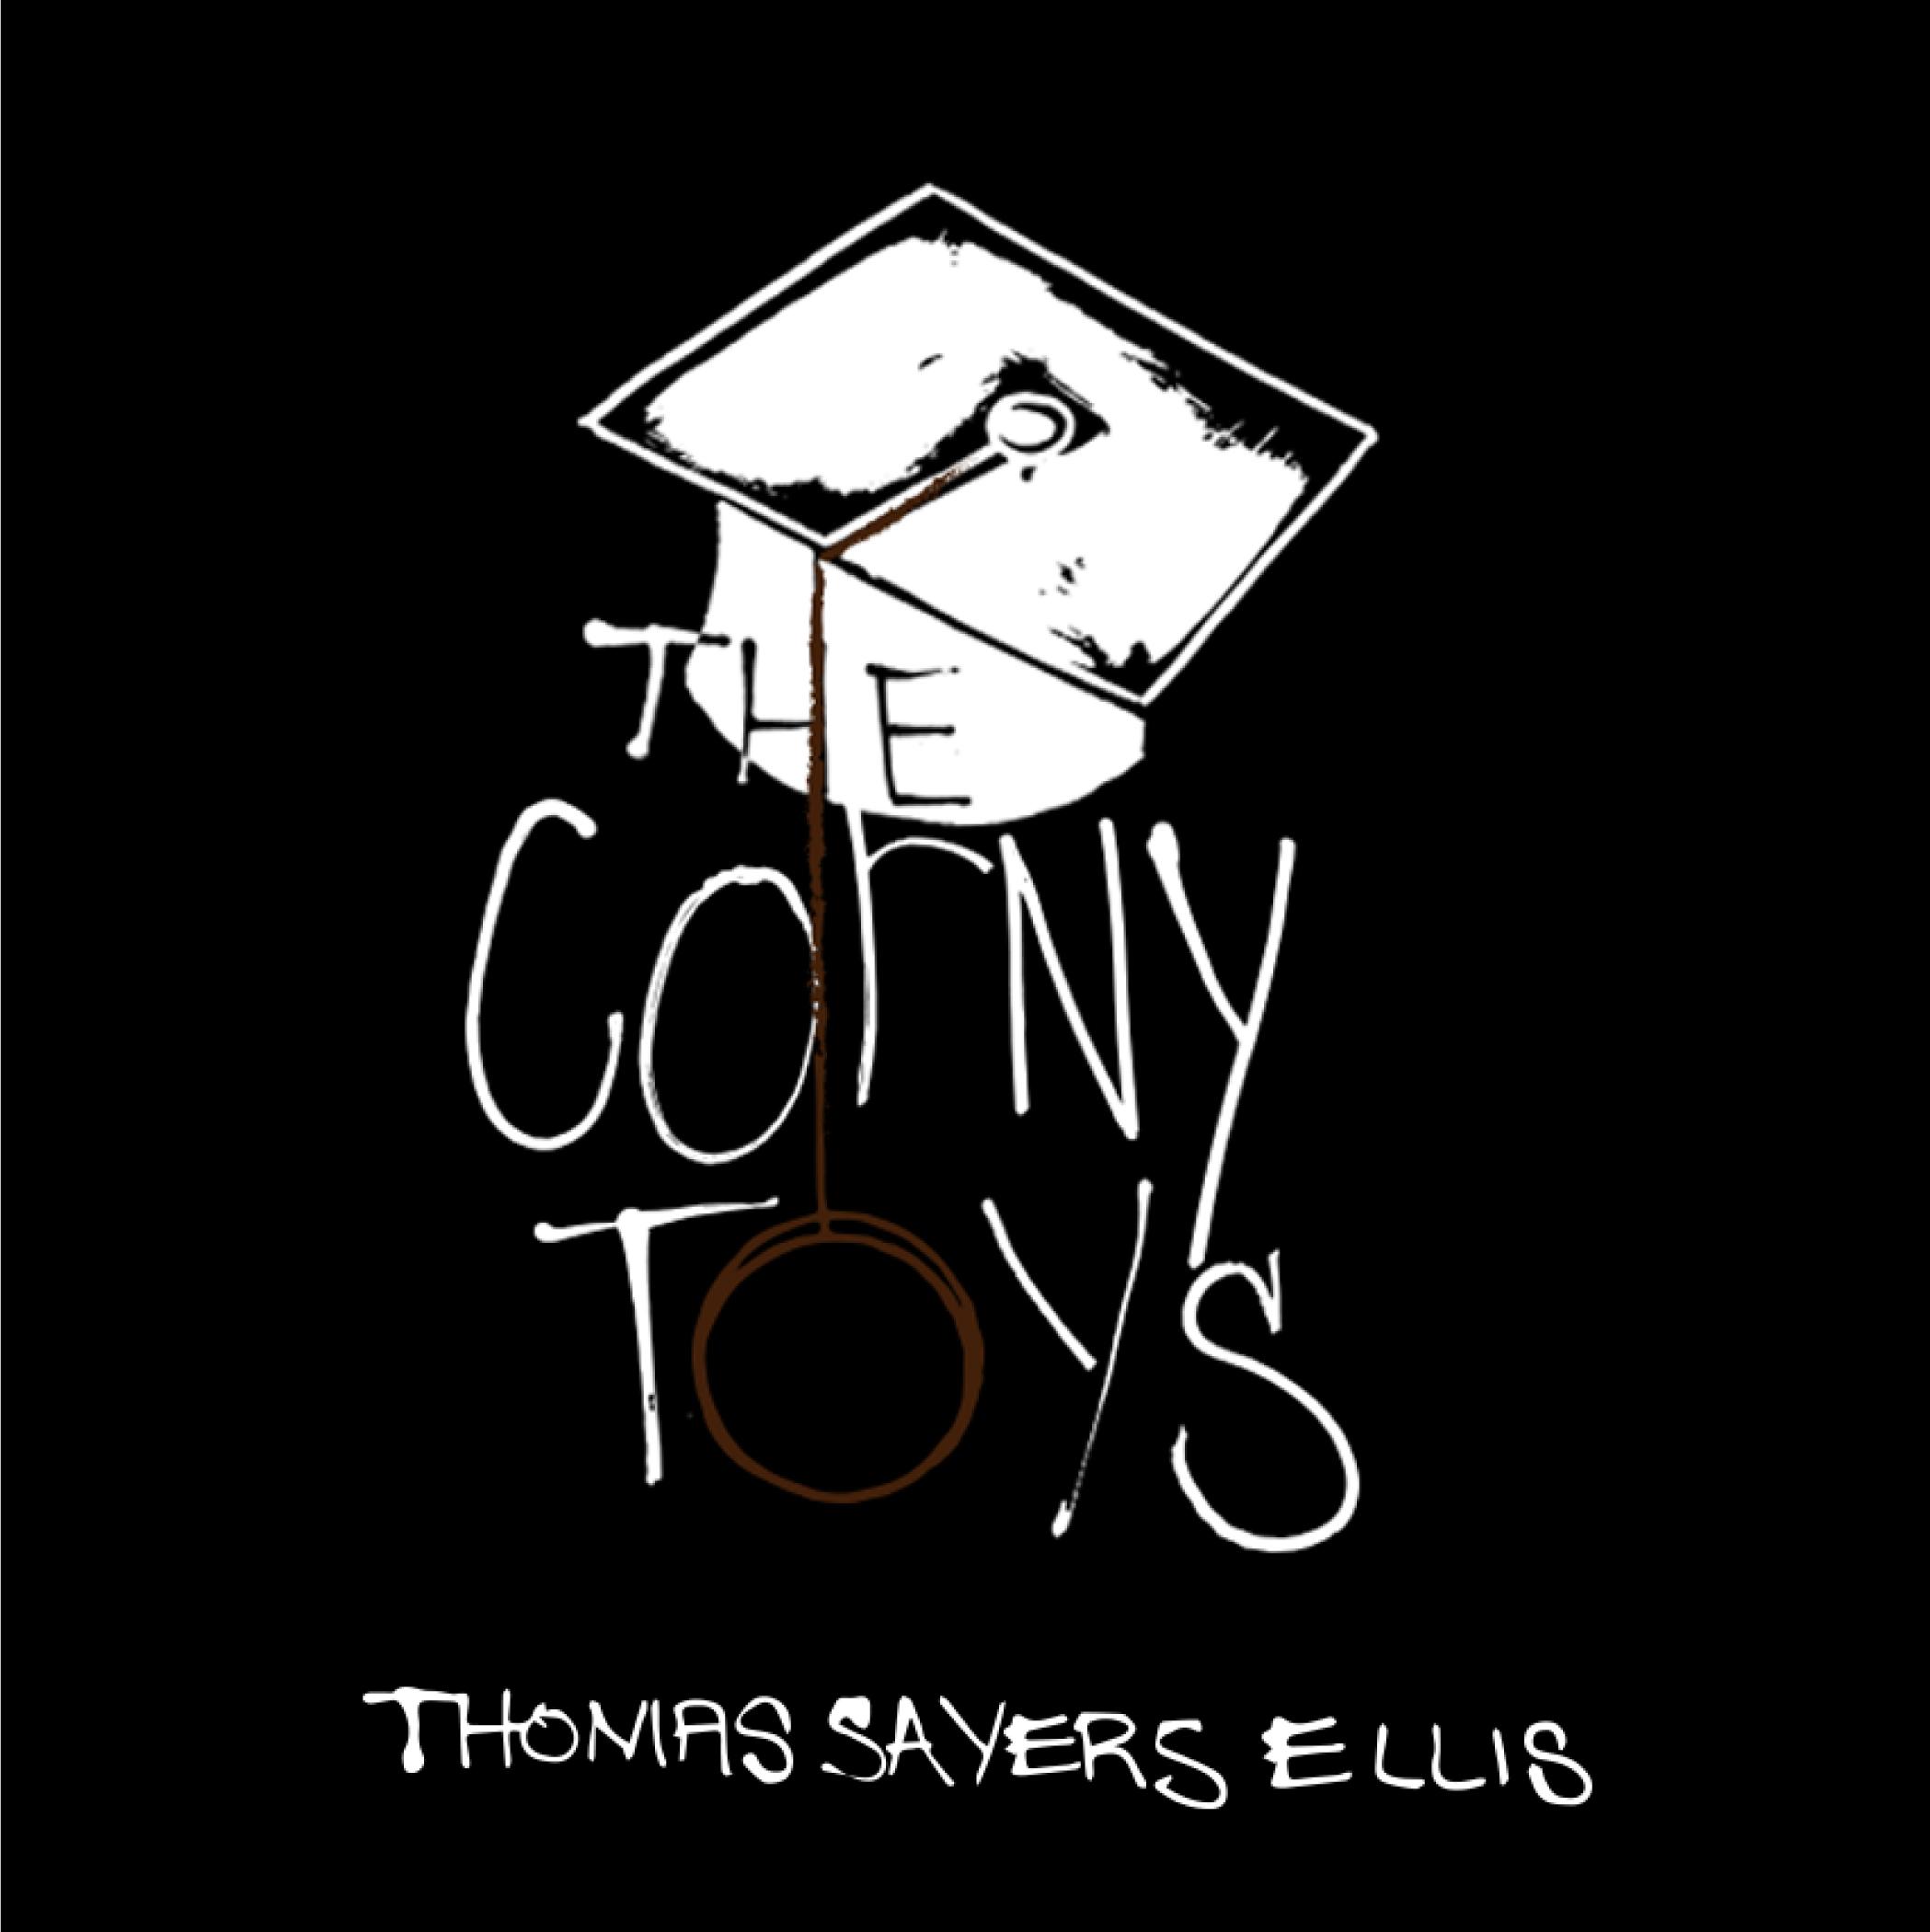 The Corny Toys